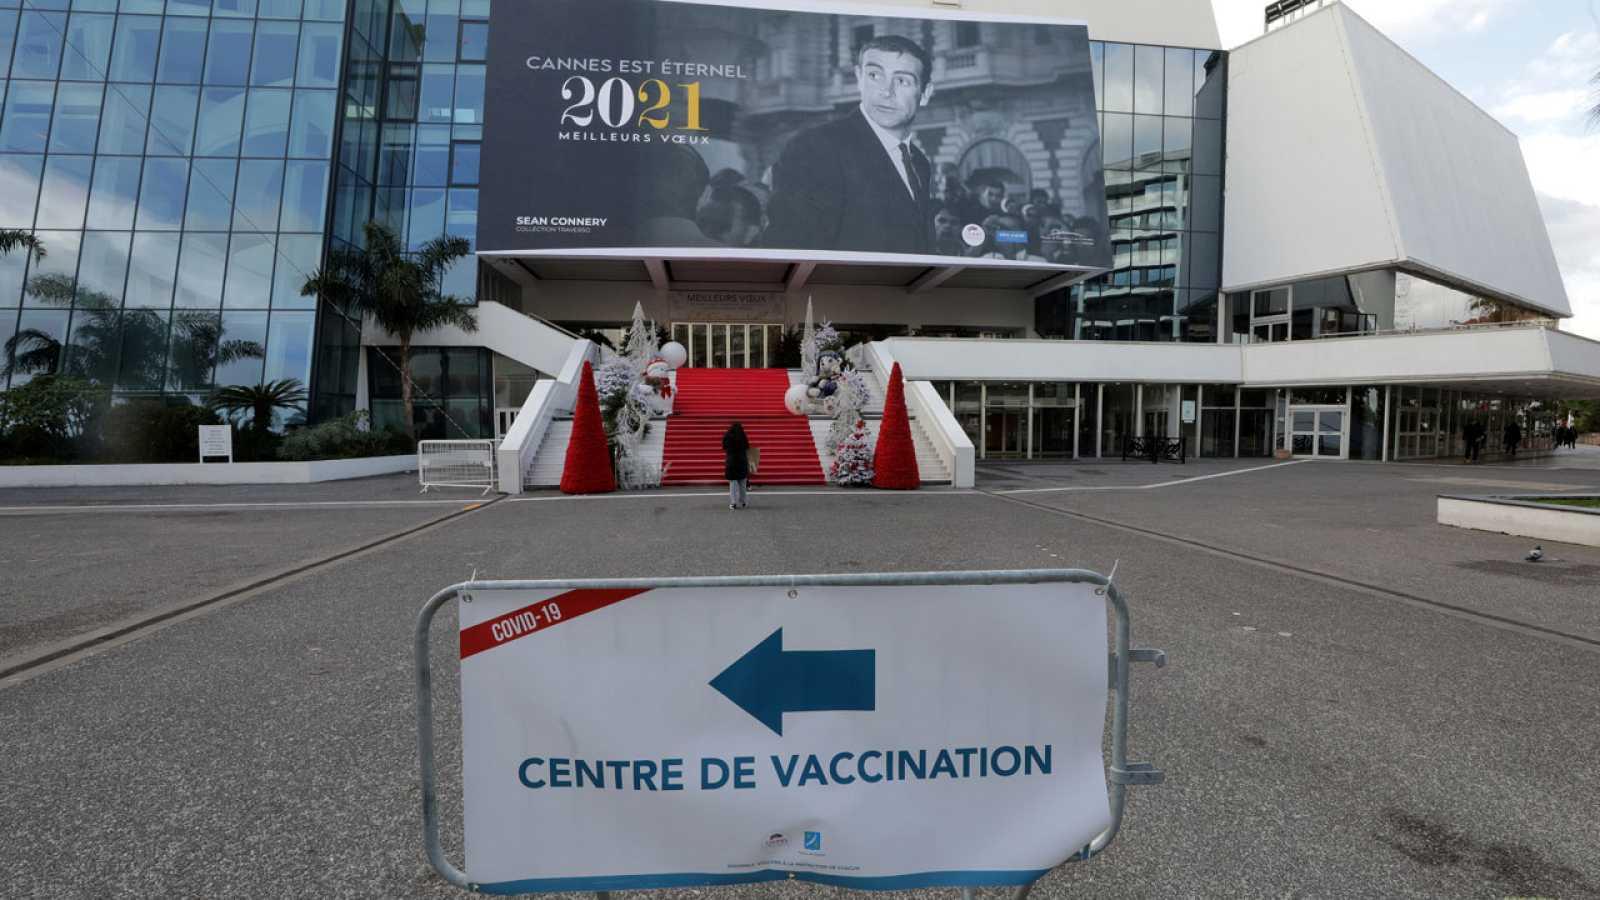 El palacio del Festival de Cannes se convierte en centro de vacunación en Francia